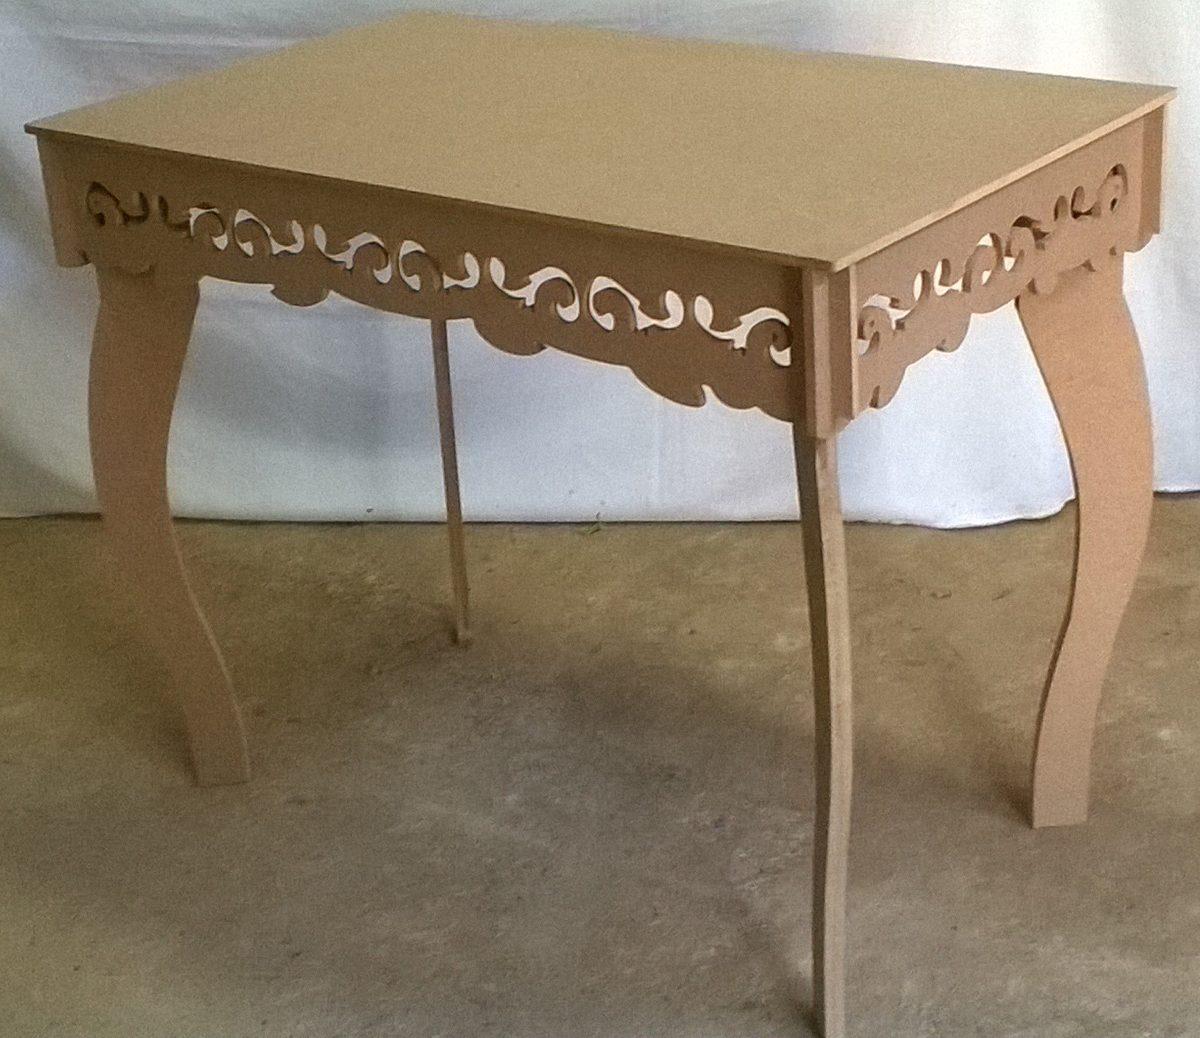 Mesa decora o festa proven al arabescos pernas curvas mdf - Mesa resina infantil ...